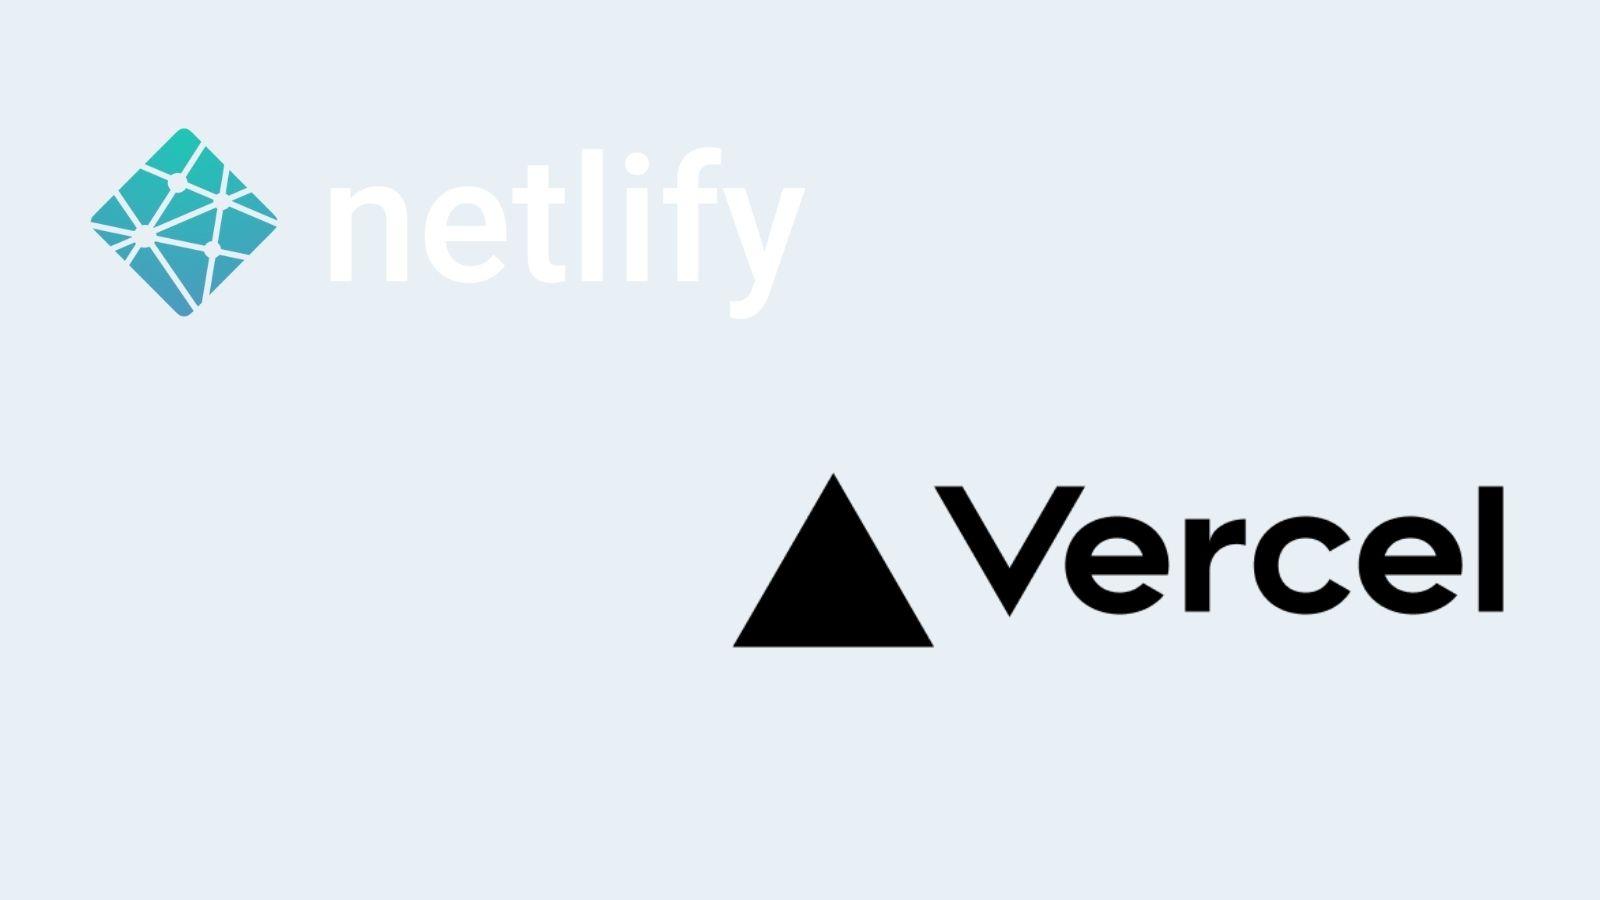 Netlify and Vercel logos on agilitycms.com